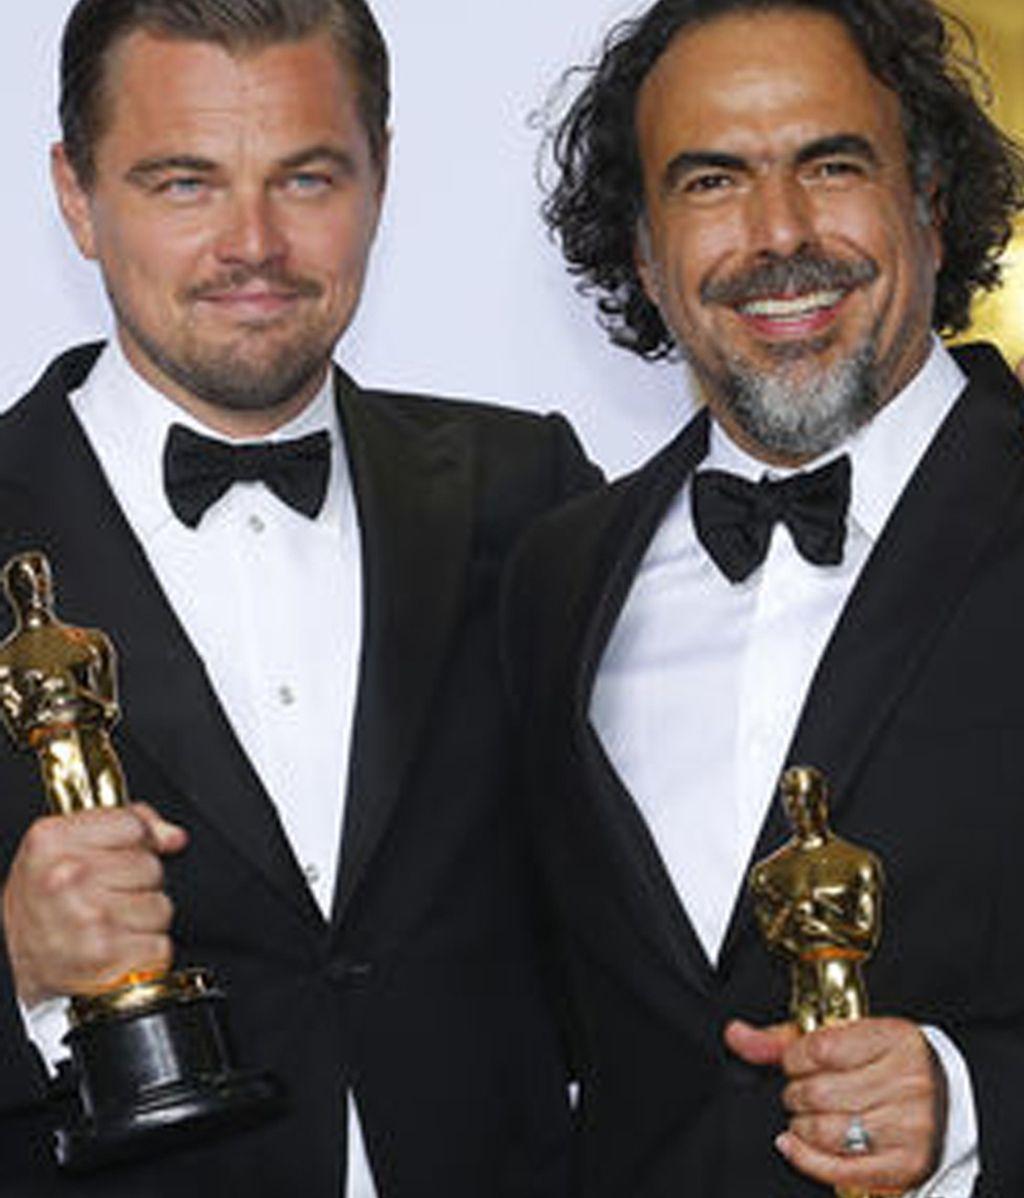 DiCaprio e Iñárritu, premiados por 'El Renacido'